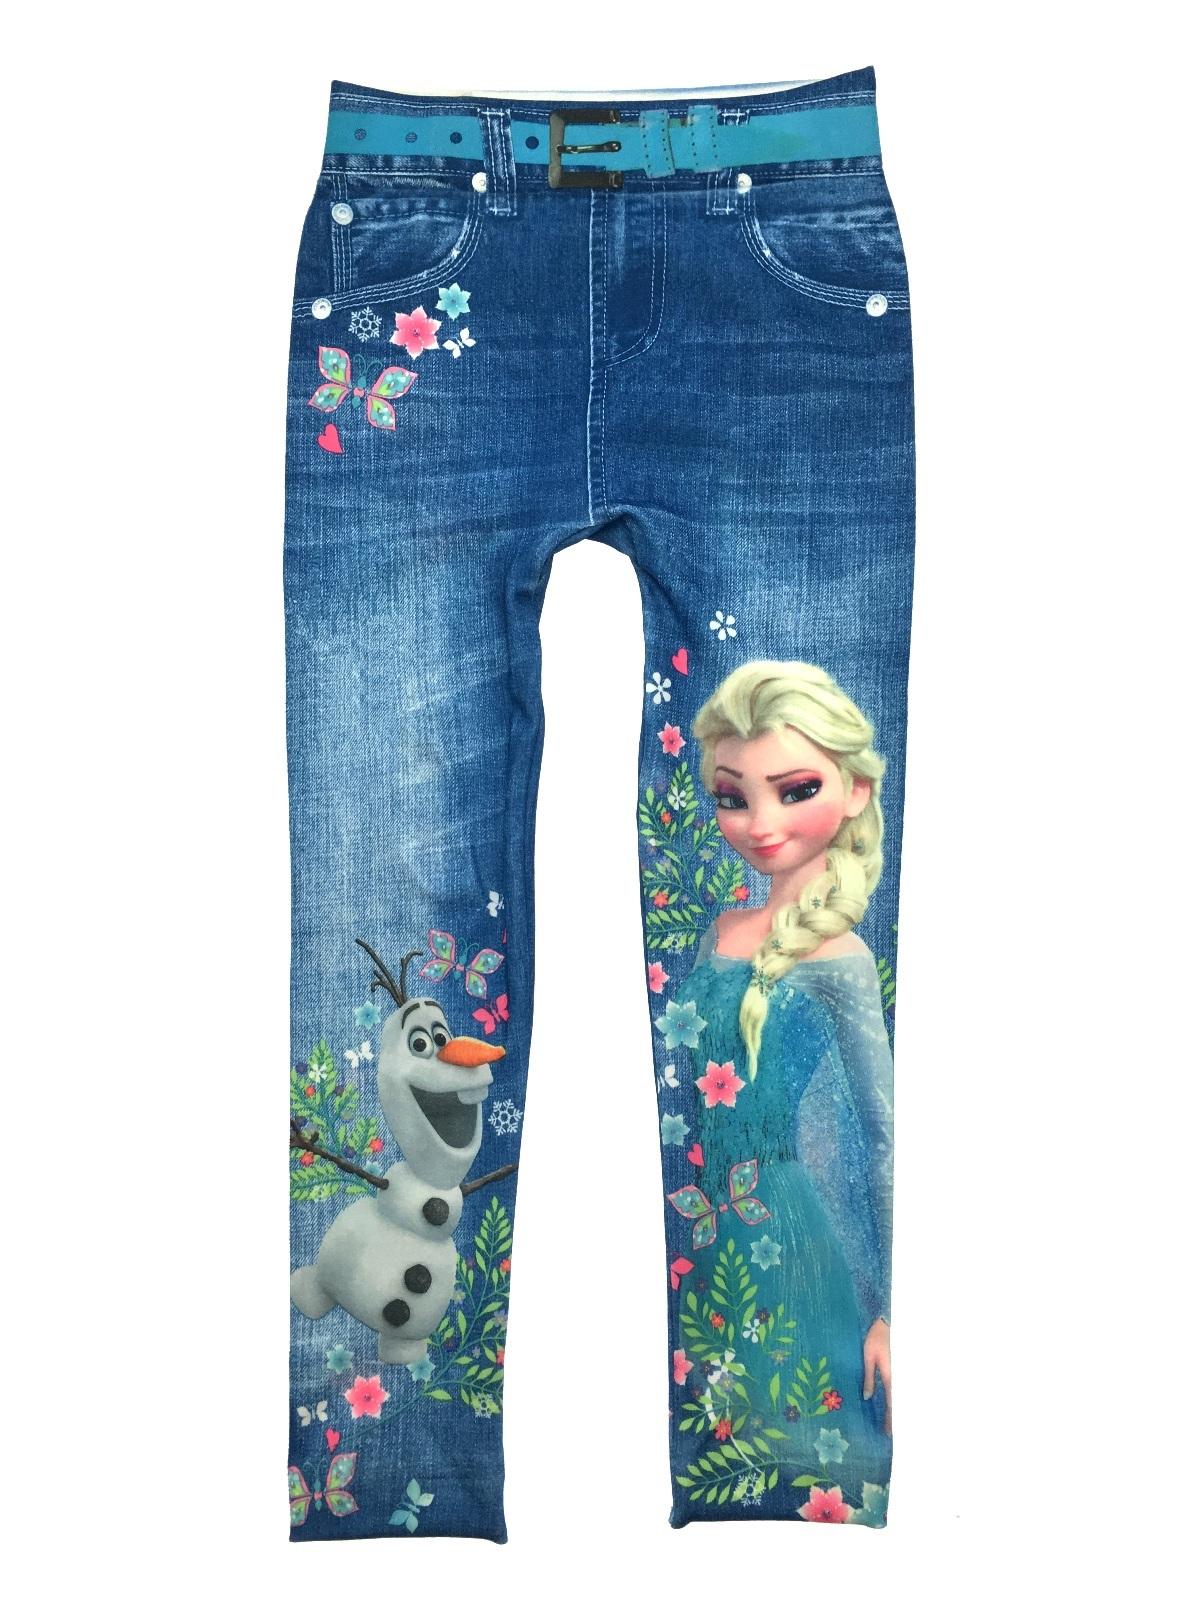 Girls-Character-Leggings-Skinny-Jeggings-Summer-Trousers-Pants- - Girls Character Leggings Skinny Jeggings Summer Trousers Pants